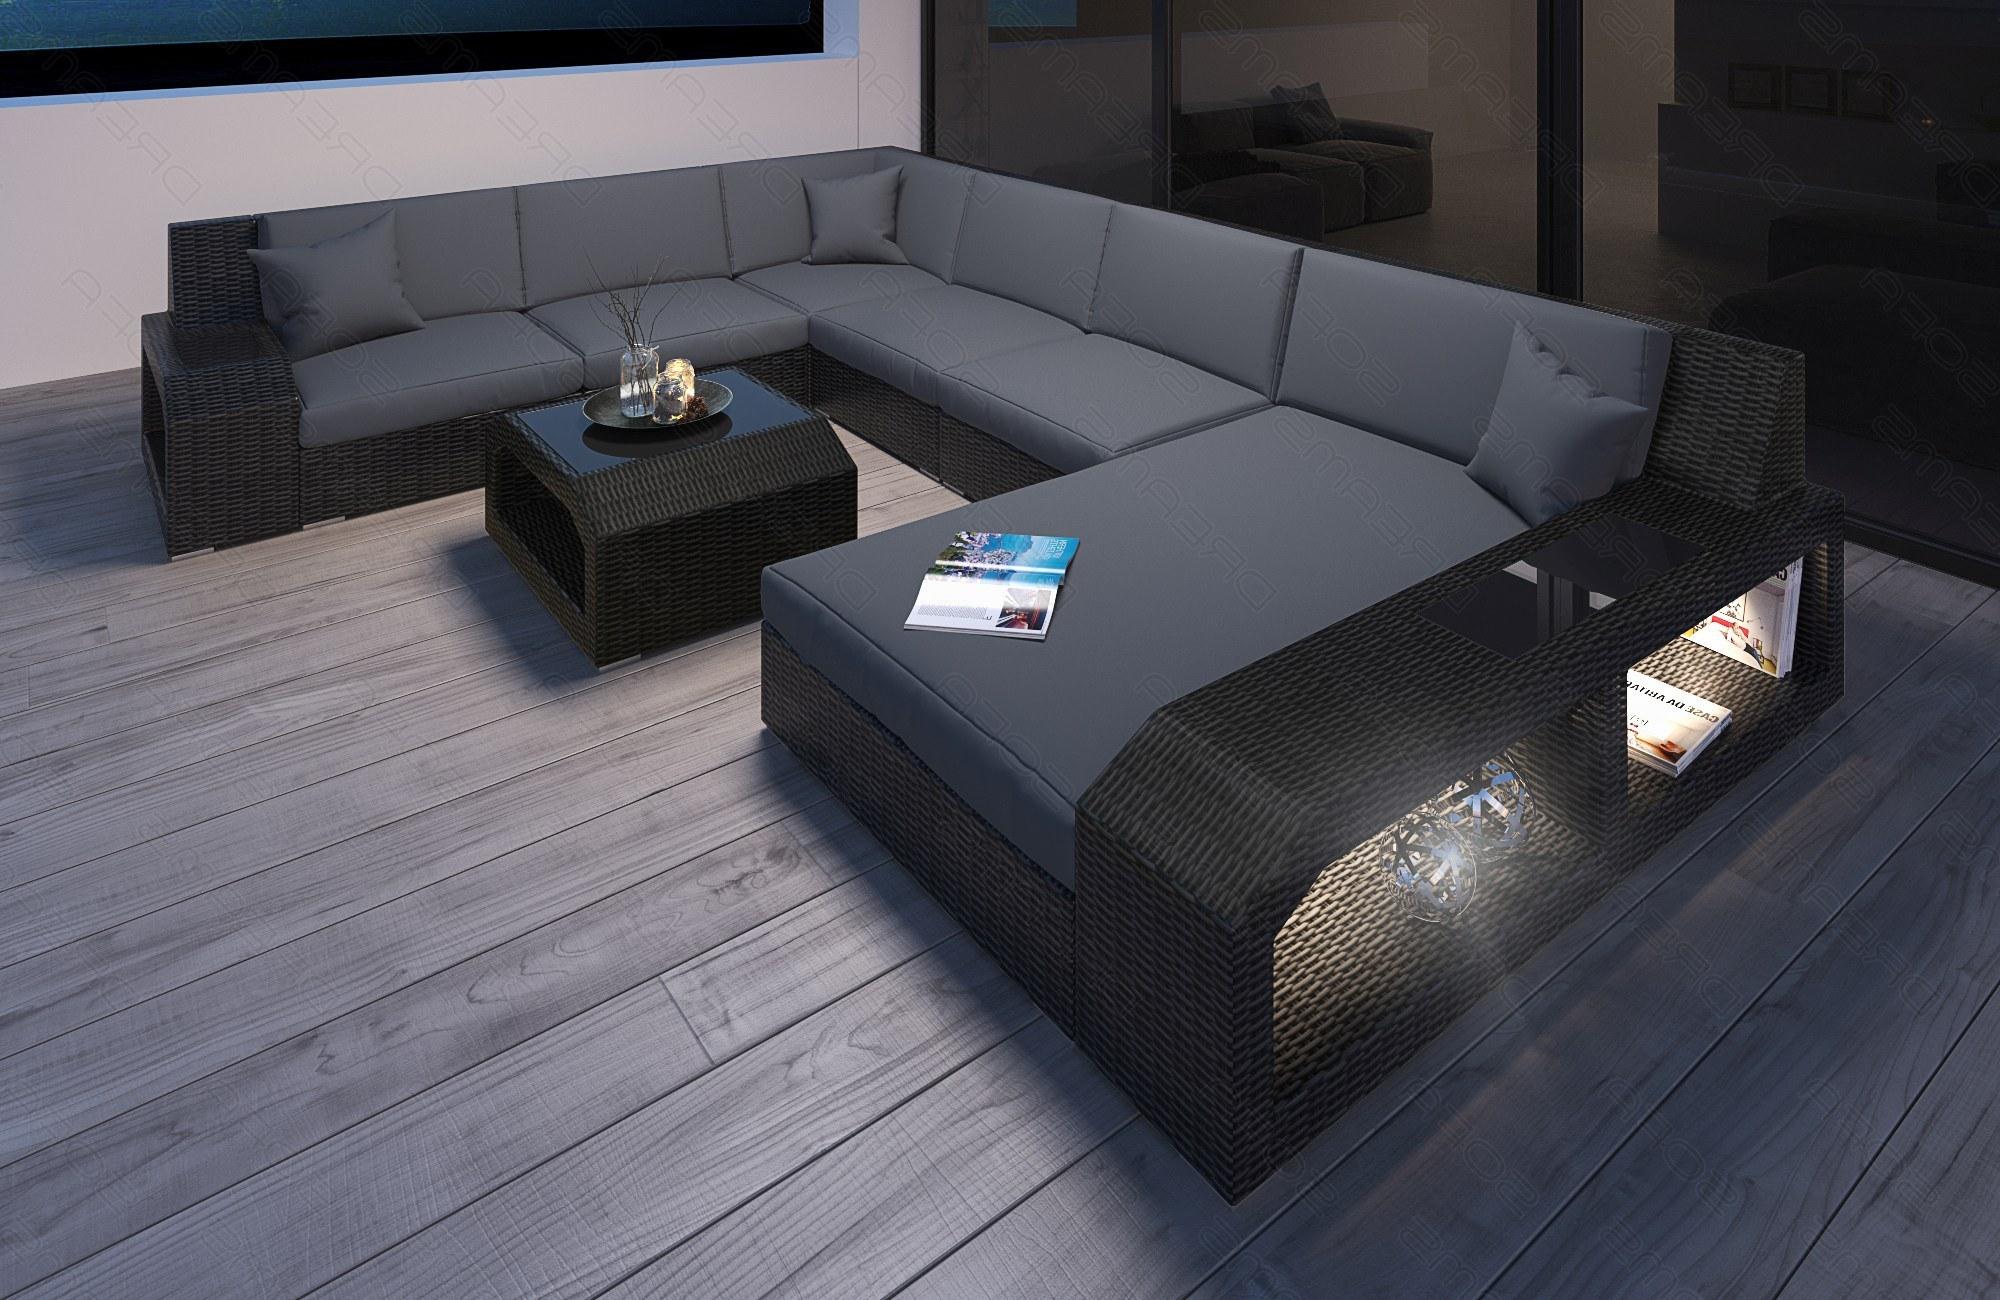 modernes rattan sofa matera als designer u form wohnlandschaft xxl kaufen bei pmr. Black Bedroom Furniture Sets. Home Design Ideas